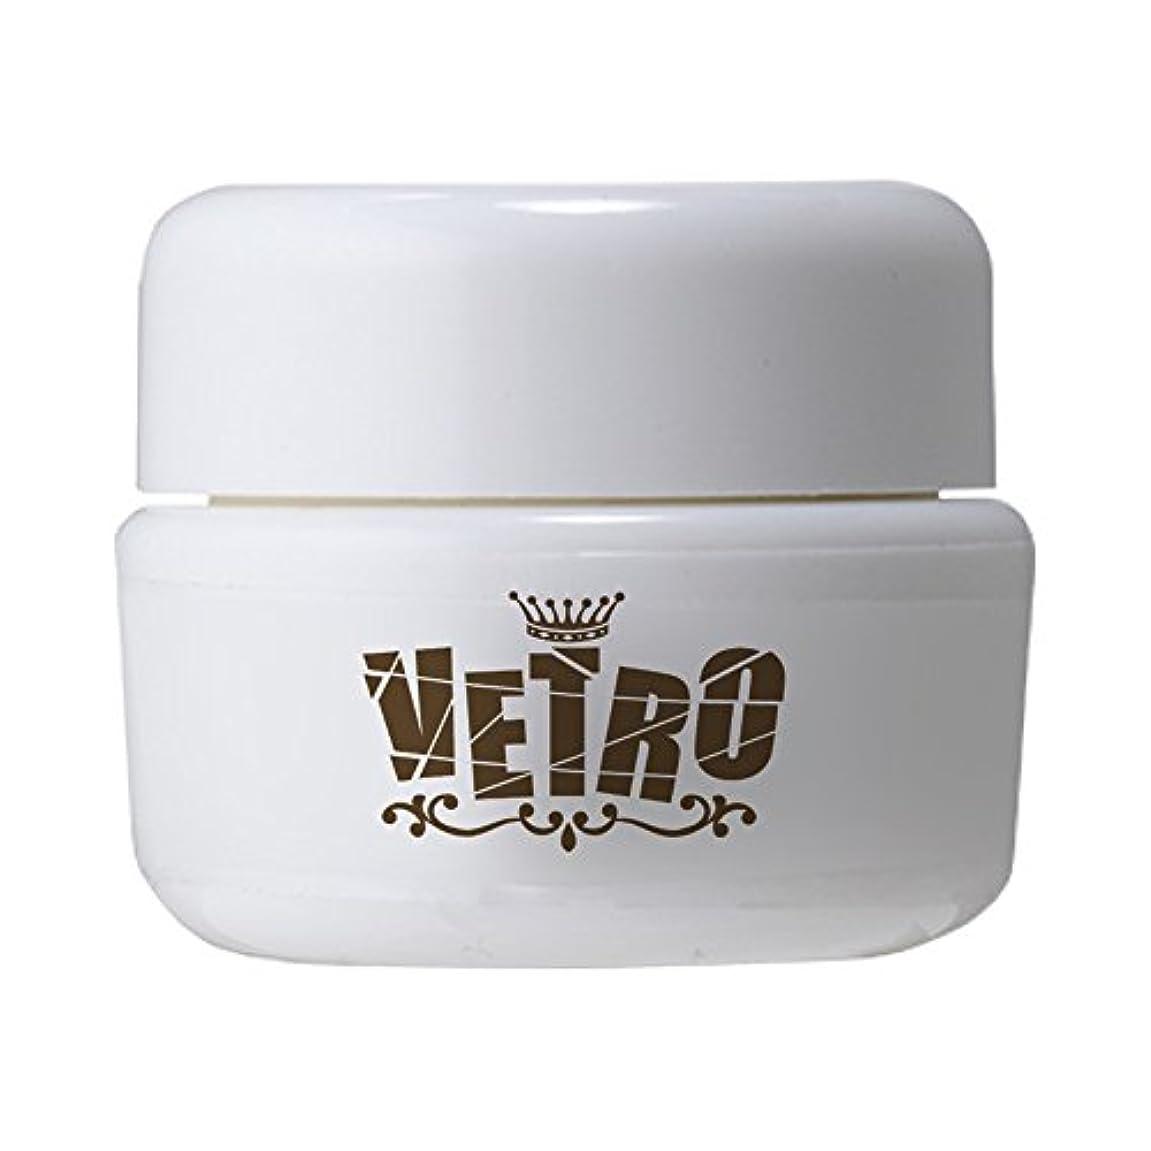 意識的消毒剤スナップVETRO カラージェル VLT905グラデホワイト 4ml テクスチャー:ソフト マット?シアー UV/LED対応